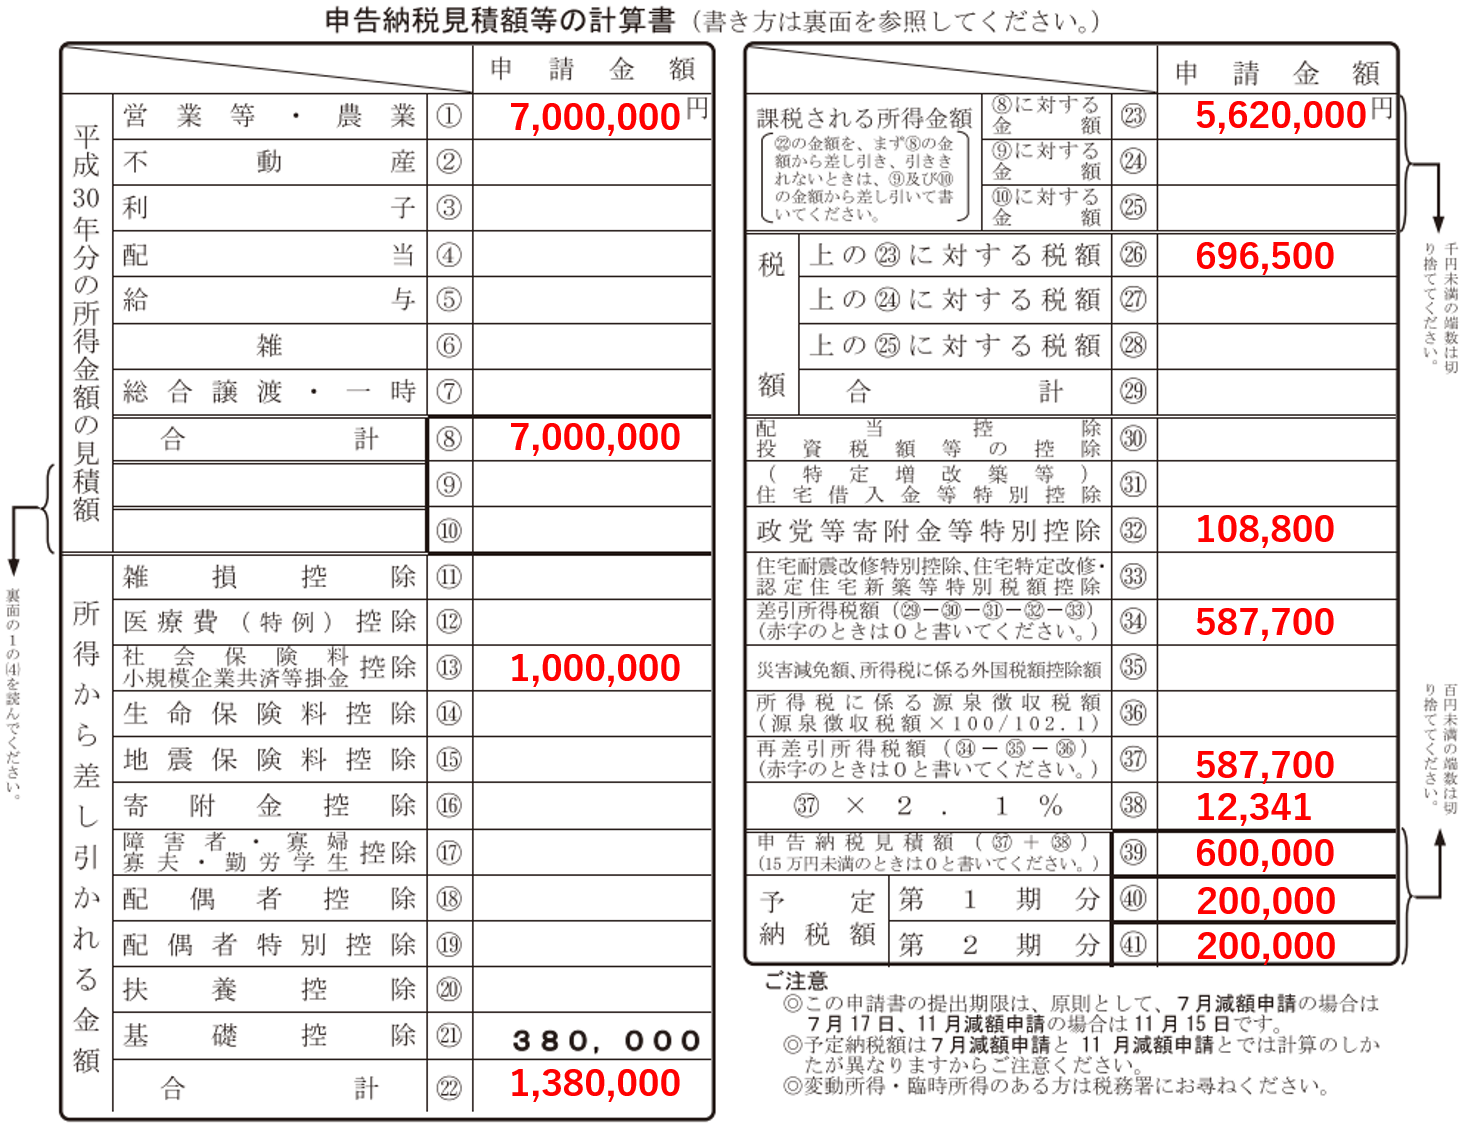 申告納税見積額等の計算書